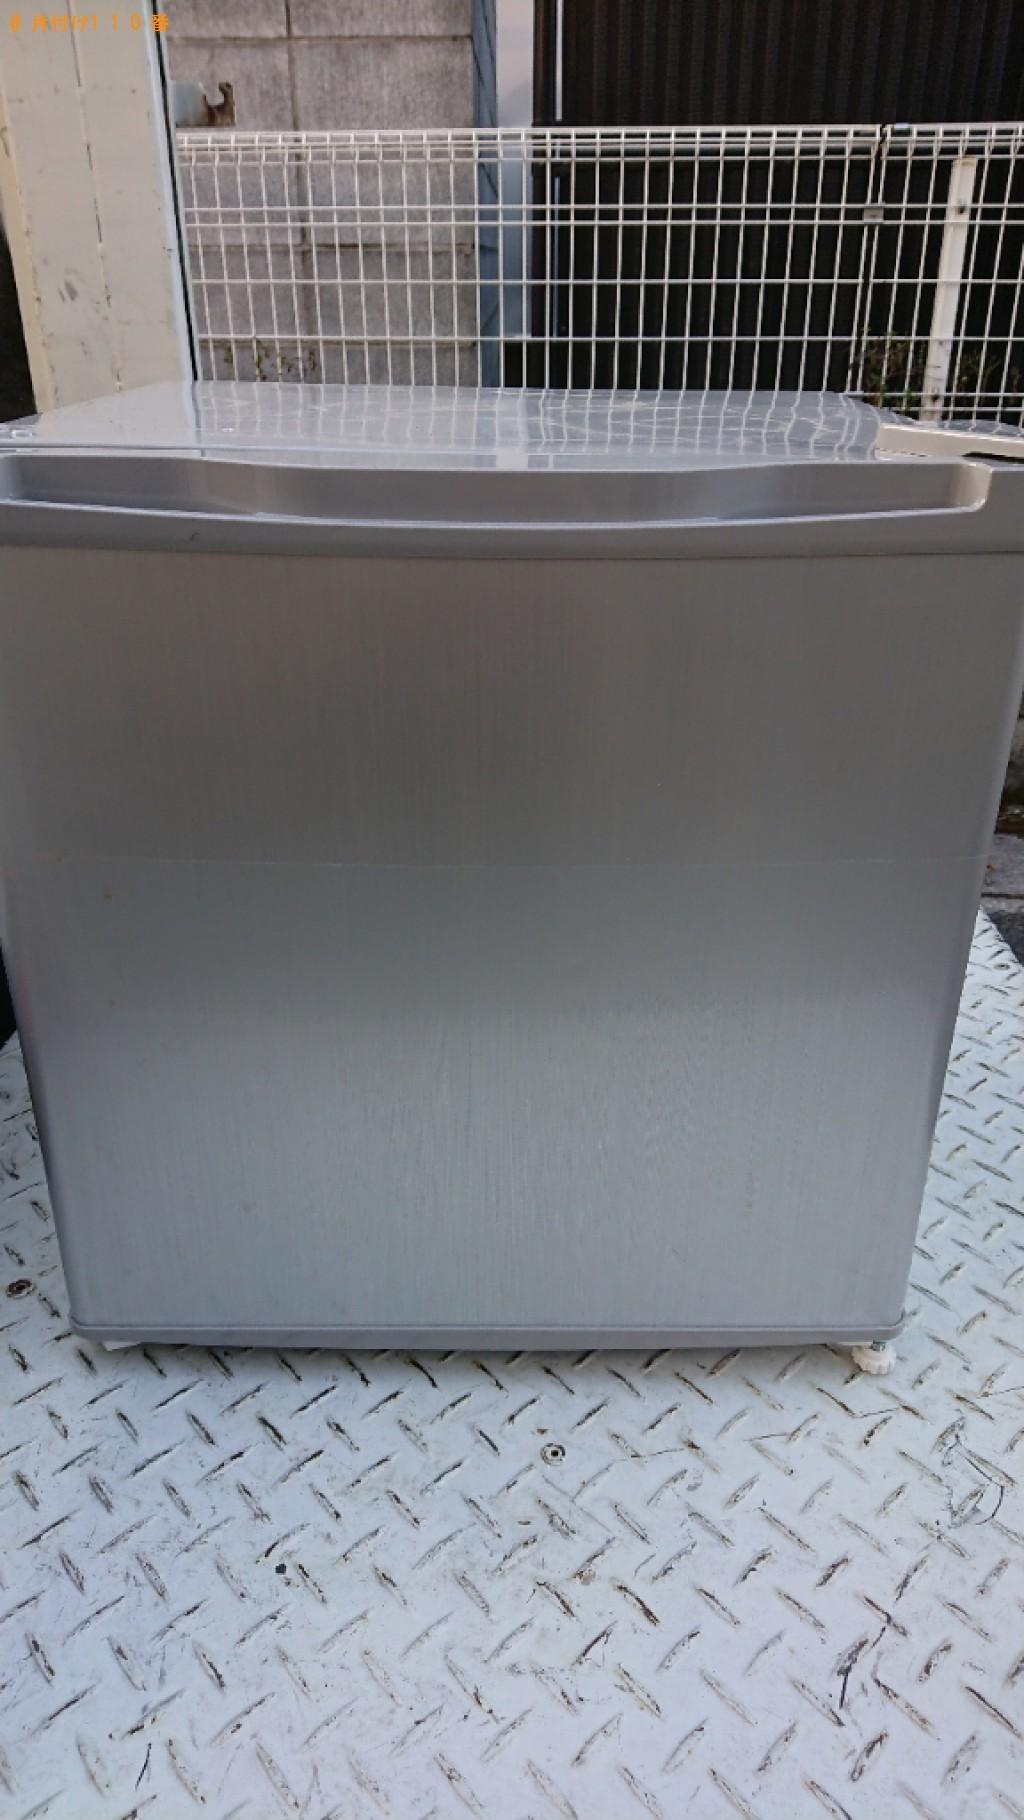 【さいたま市北区】170L未満冷蔵庫の出張不用品回収・処分ご依頼